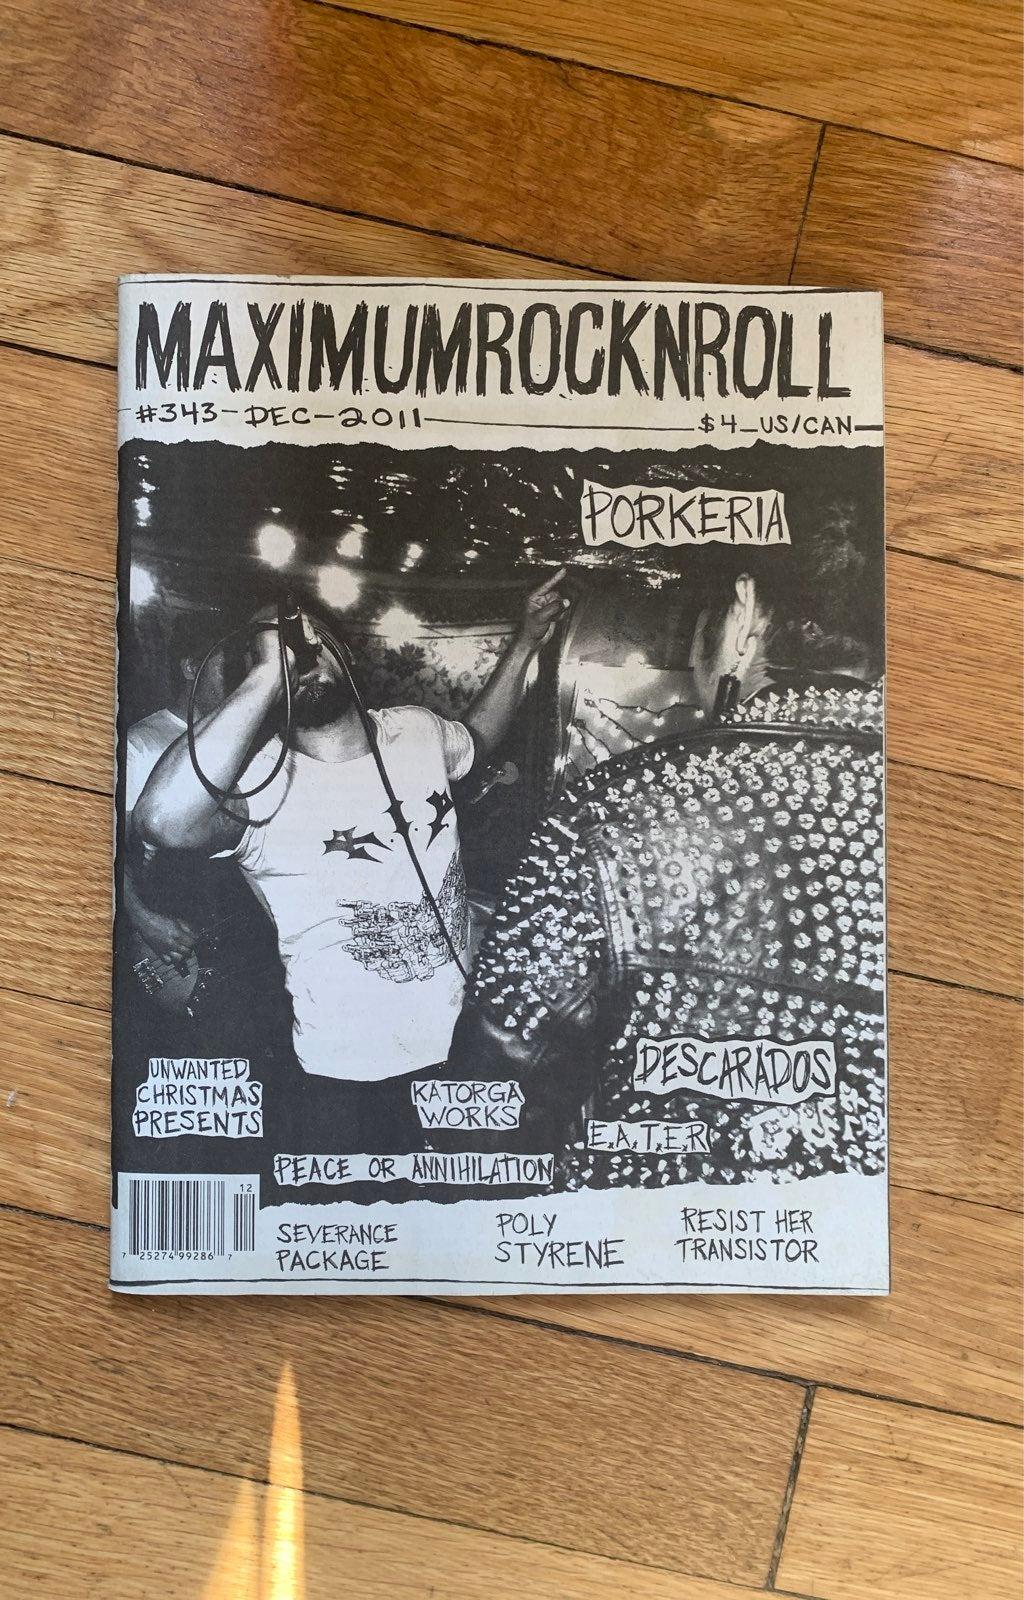 Maximum RocknRoll #343 Dec 2011